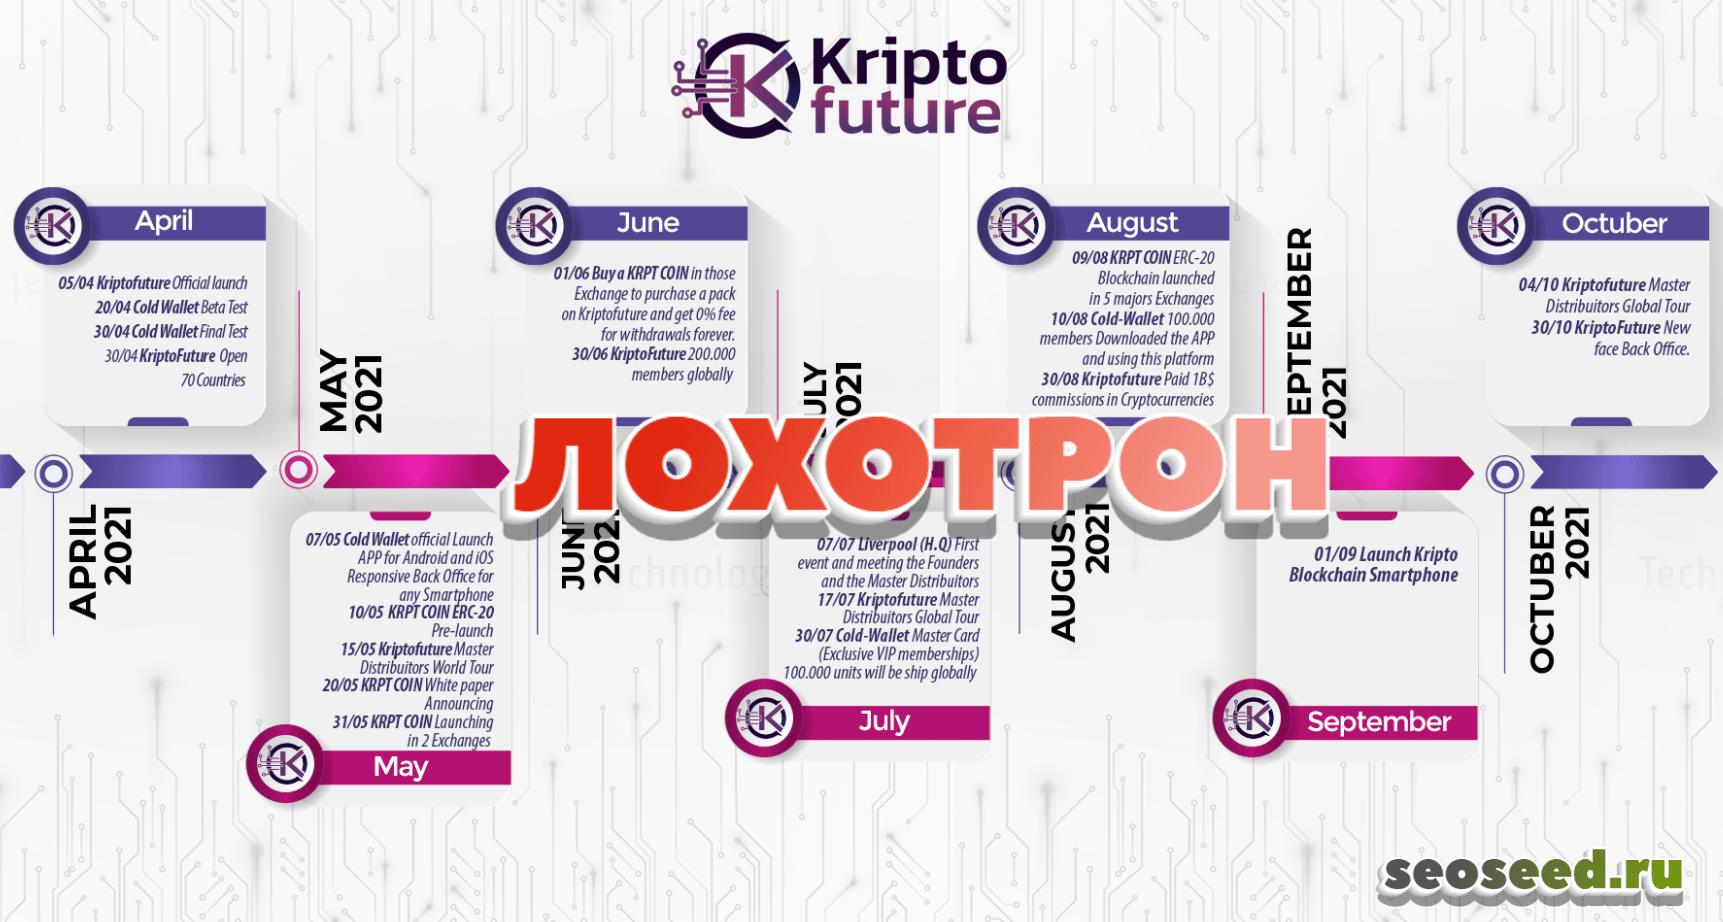 Как зарегистрироваться Kripto Future